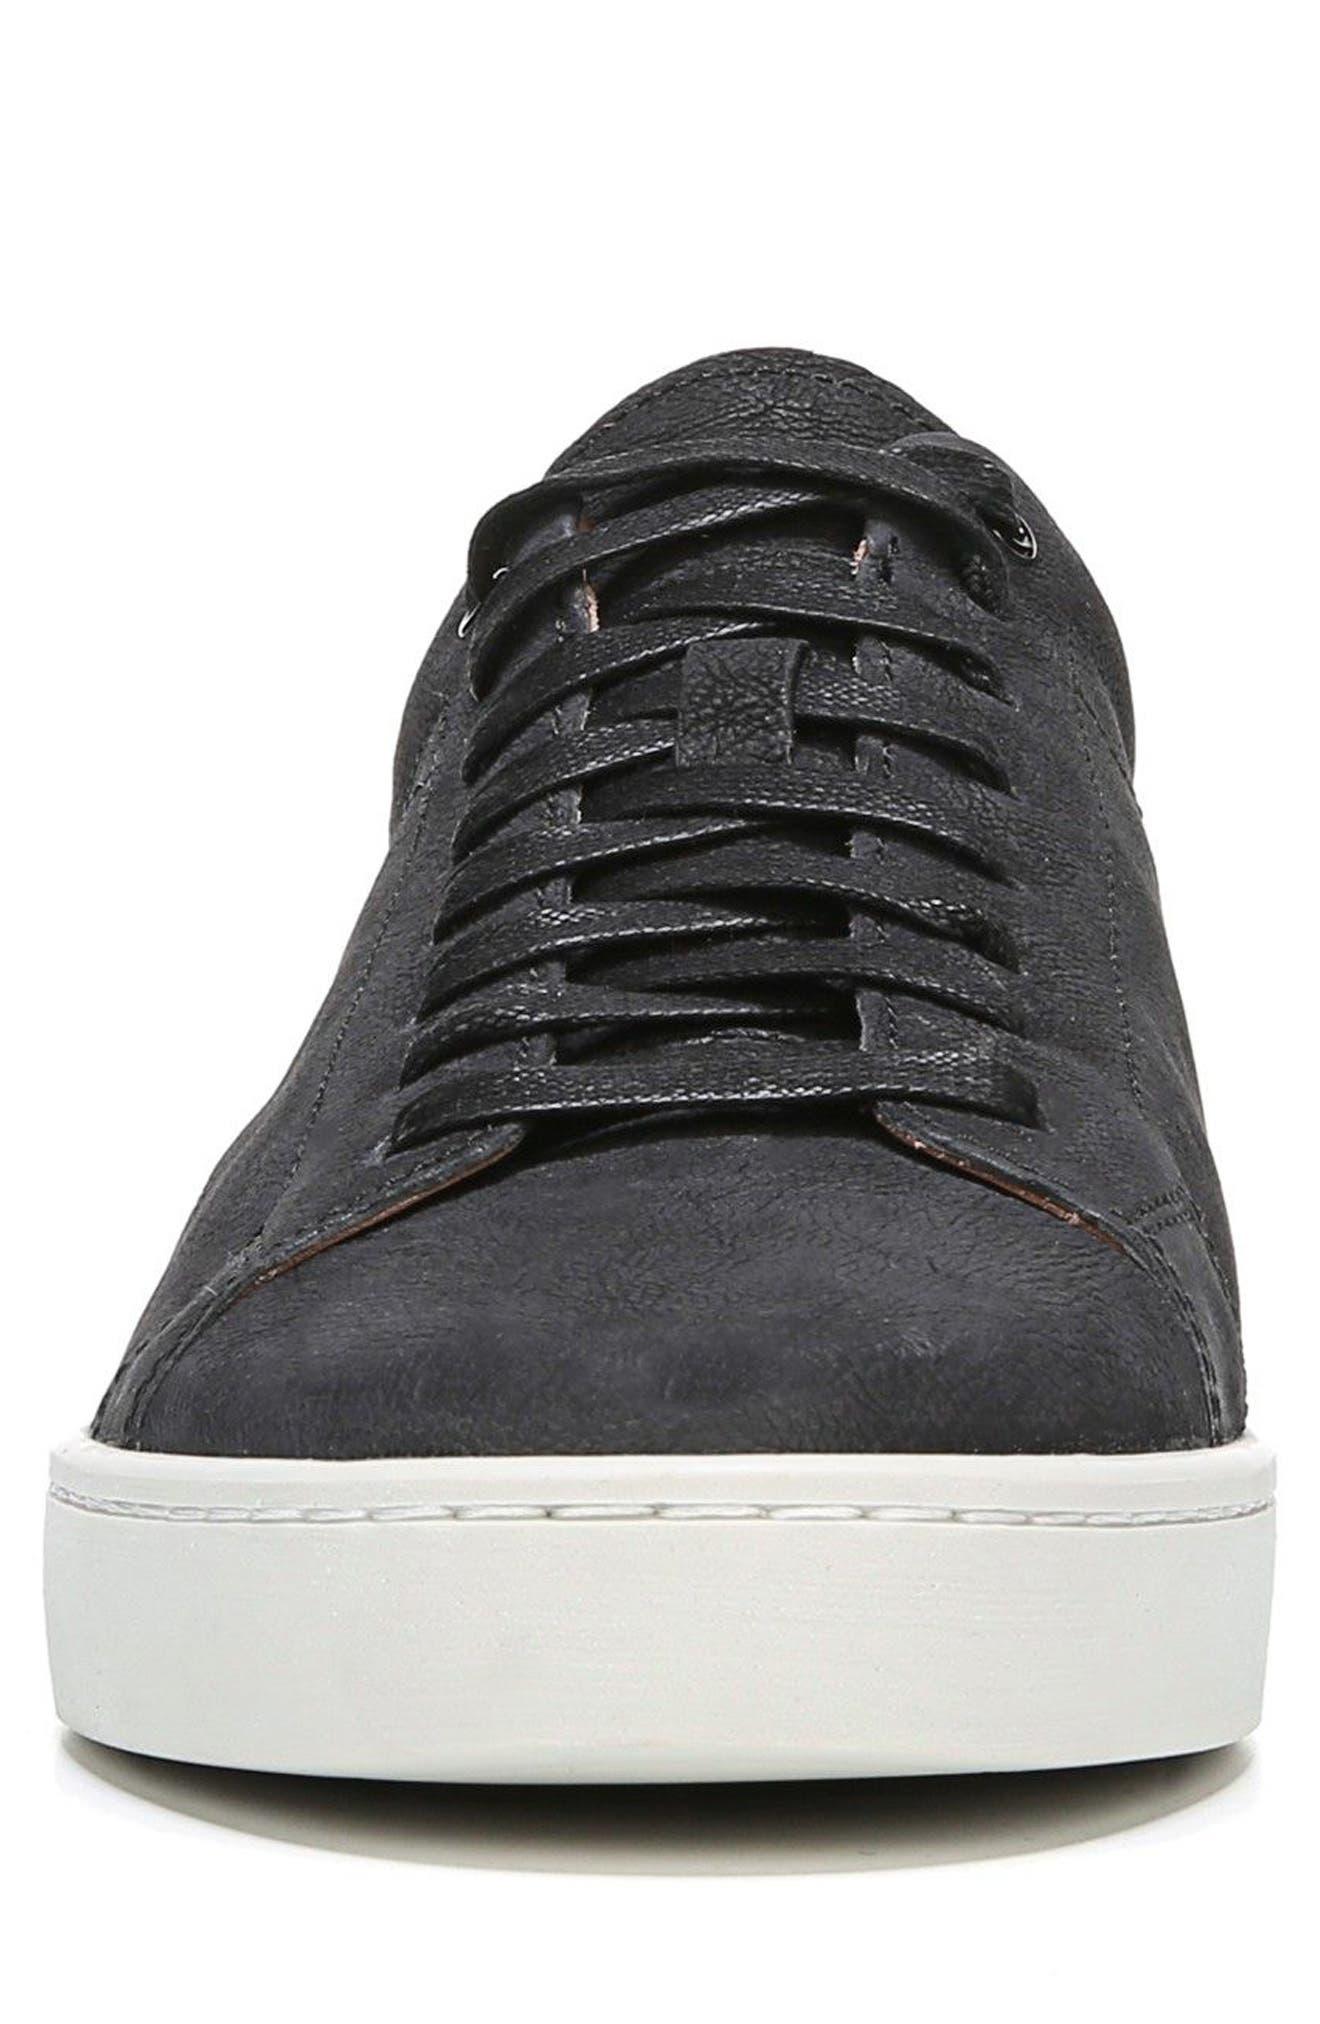 Slater Sneaker,                             Alternate thumbnail 4, color,                             BLACK NUBUCK